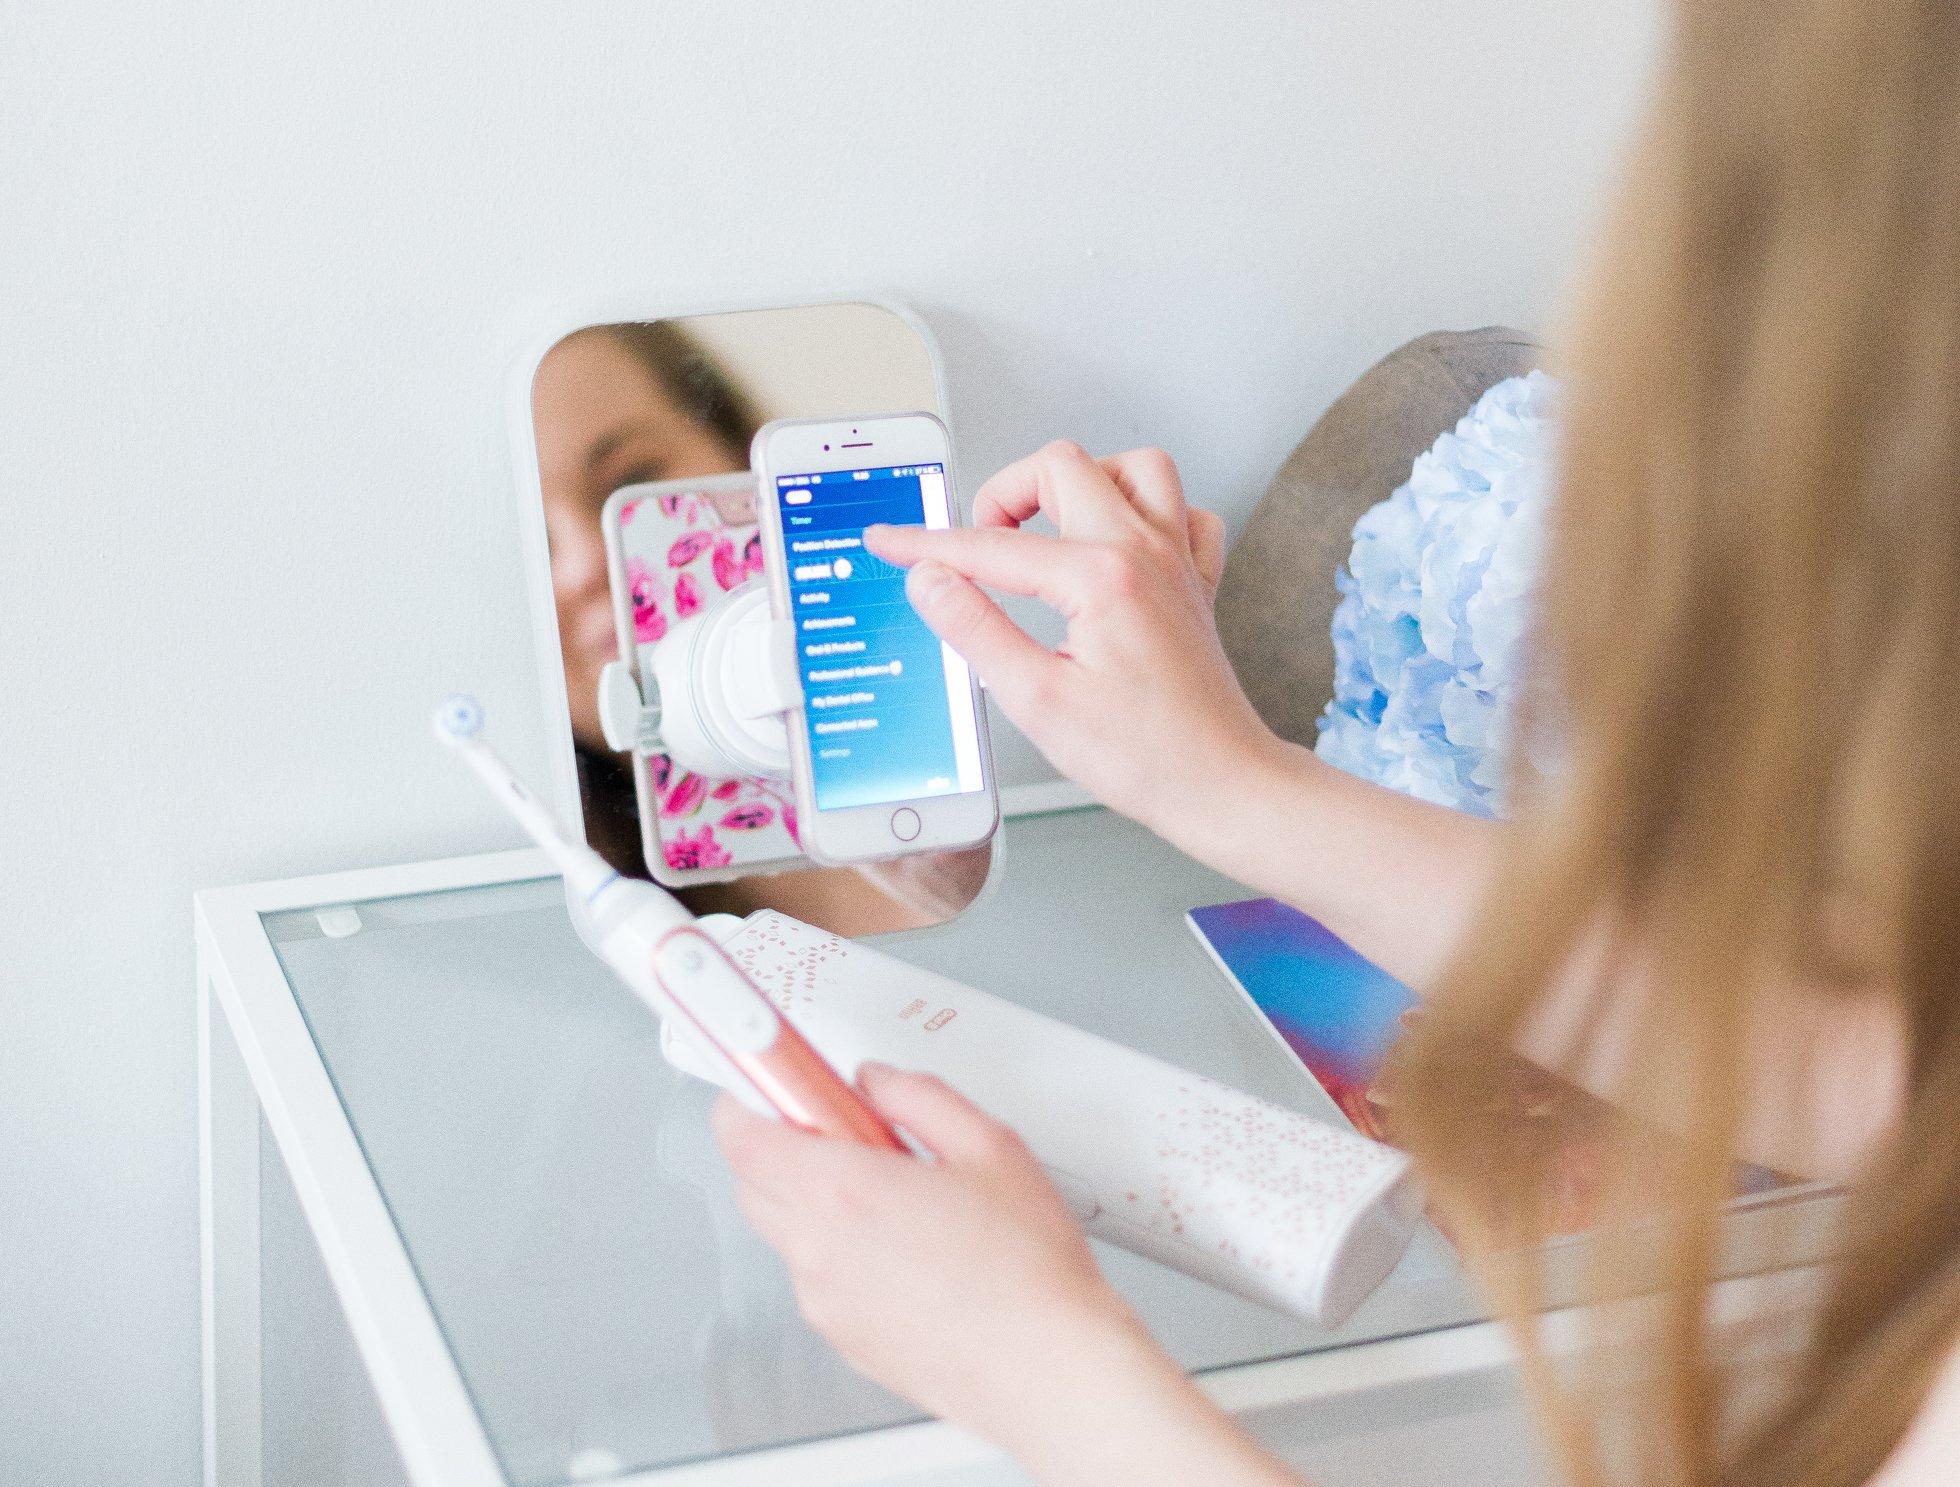 Uudet rutiinit hampaiden hoitoon